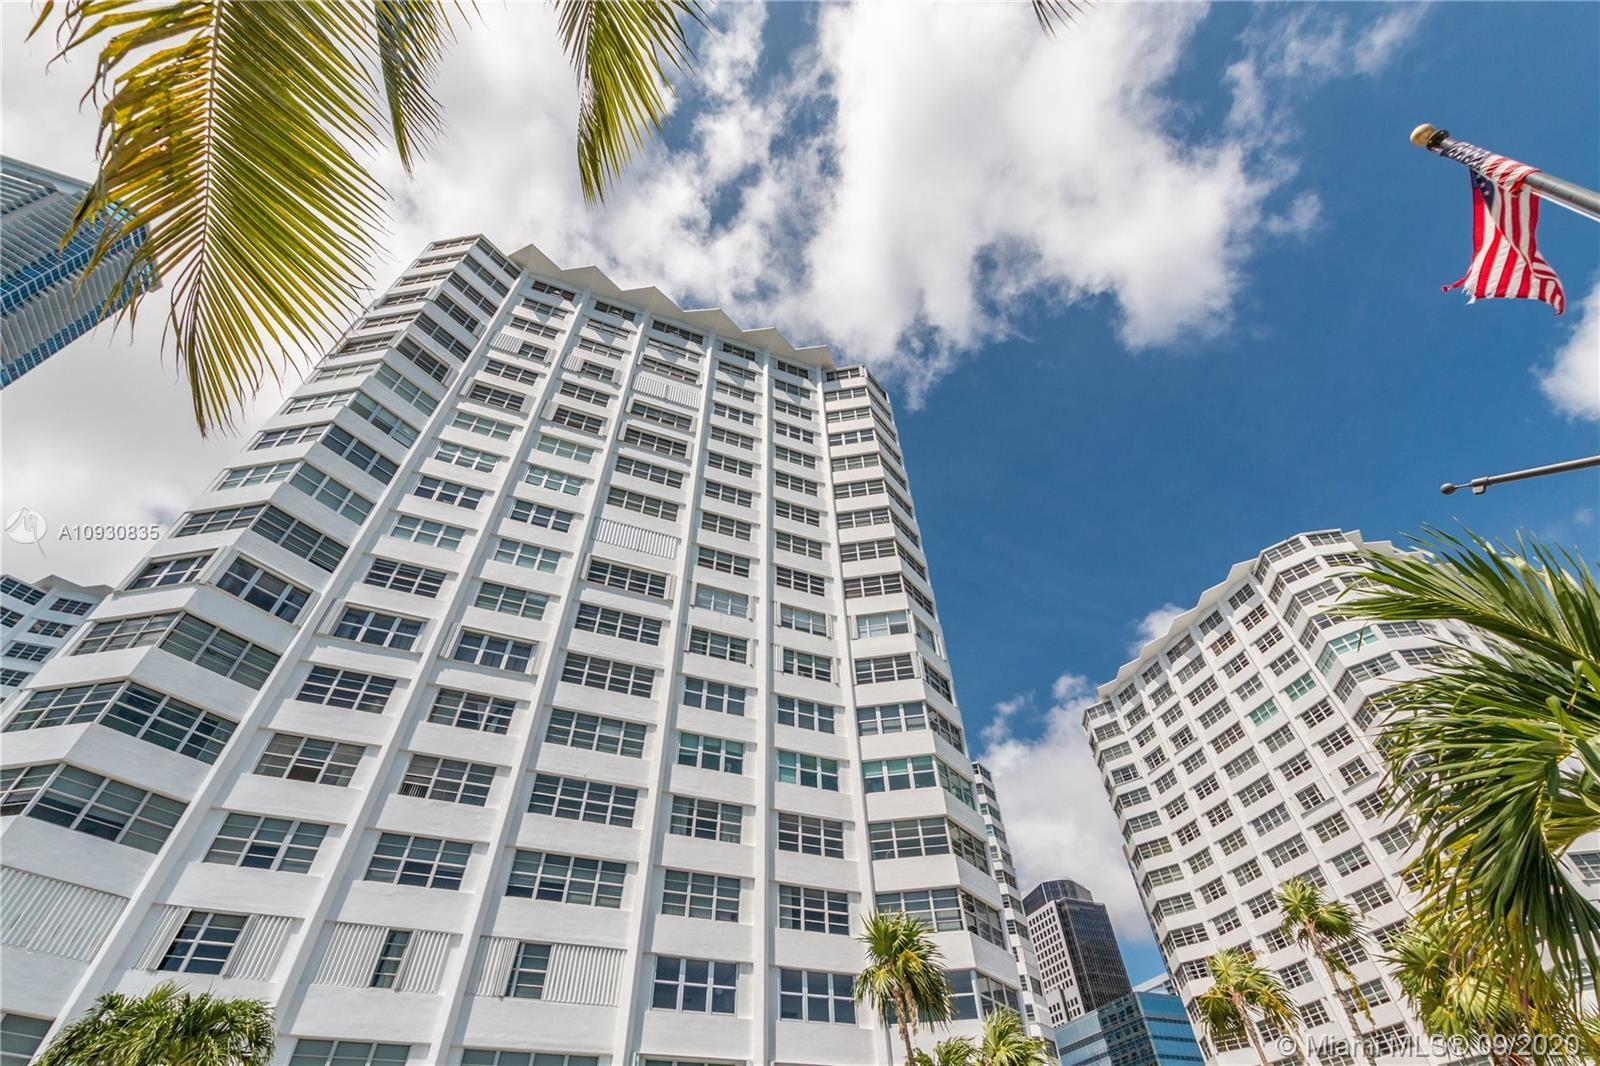 999 BRICKELL BAY DR #510, Miami, FL 33131 - #: A10930835